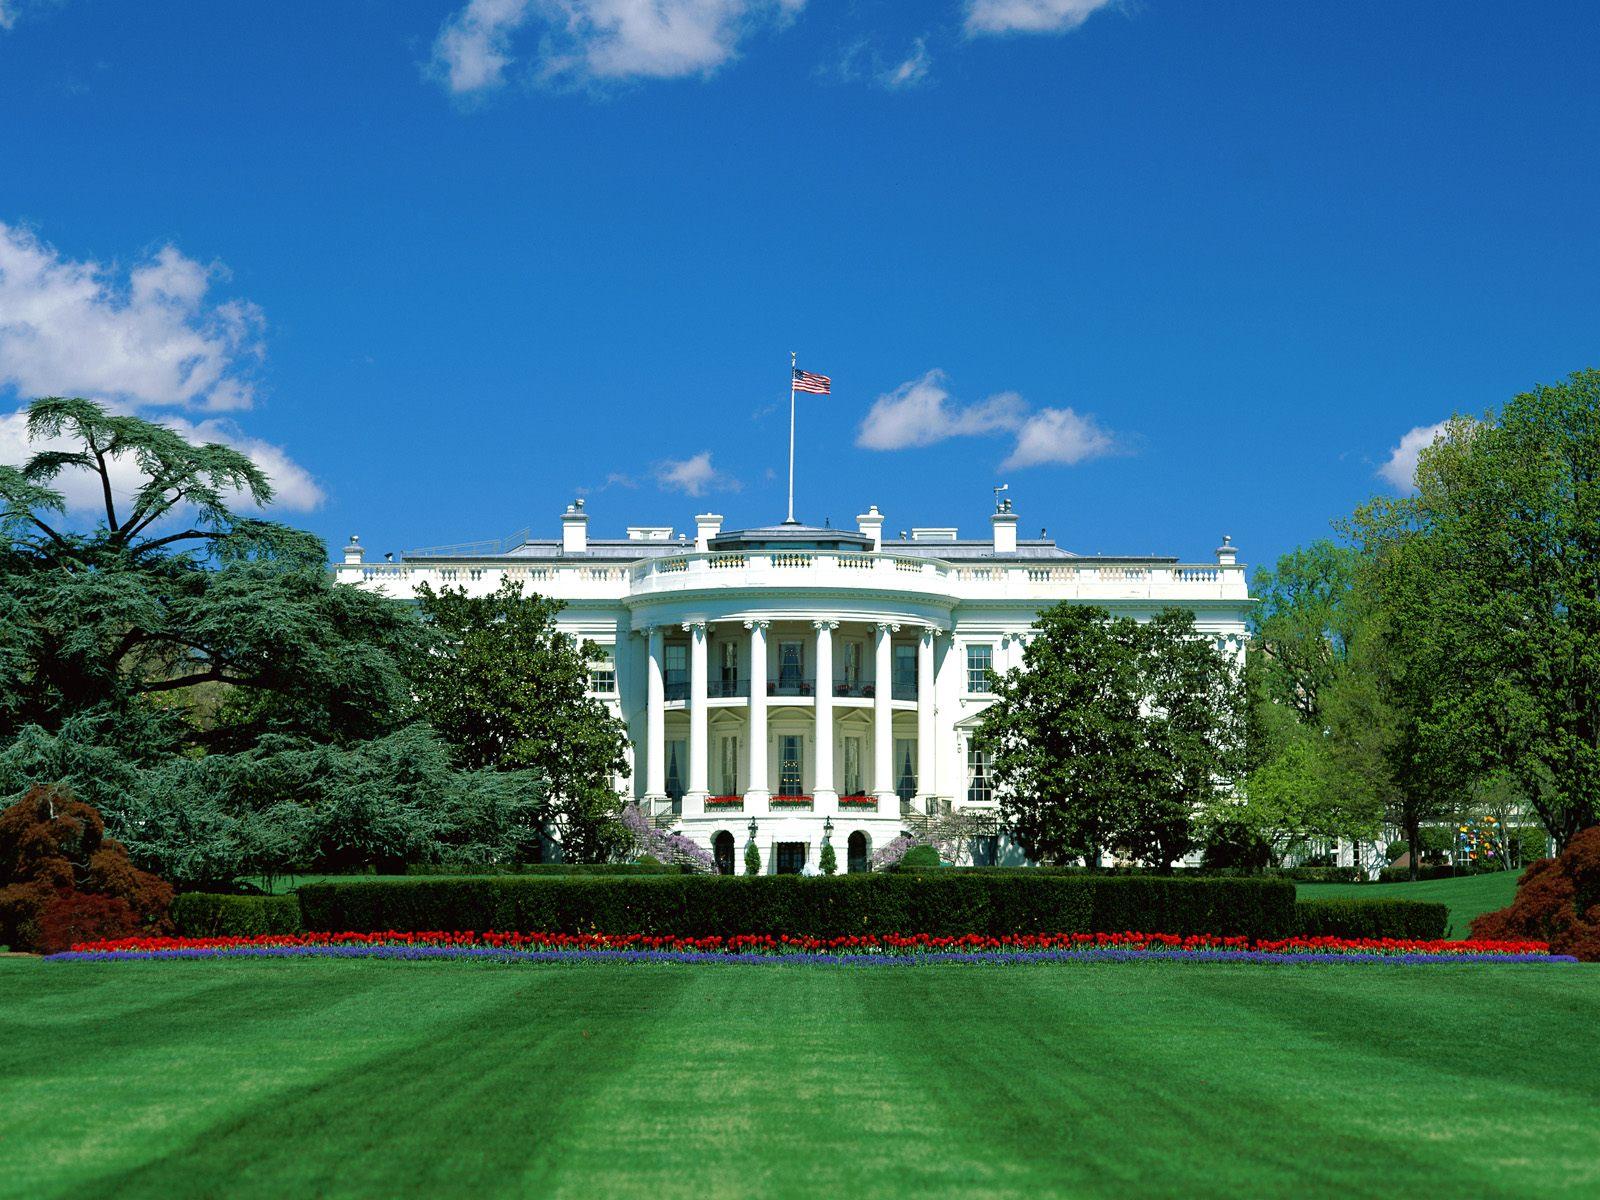 http://2.bp.blogspot.com/-KTedzhbafrM/UA7CcA4K8HI/AAAAAAAADyM/MVnugbzKNds/s1600/Presidential+Suite,+The+White+House,+Washington+D.C.+-+1600x1200+-+ID+21174+-+PREMIUM.jpg